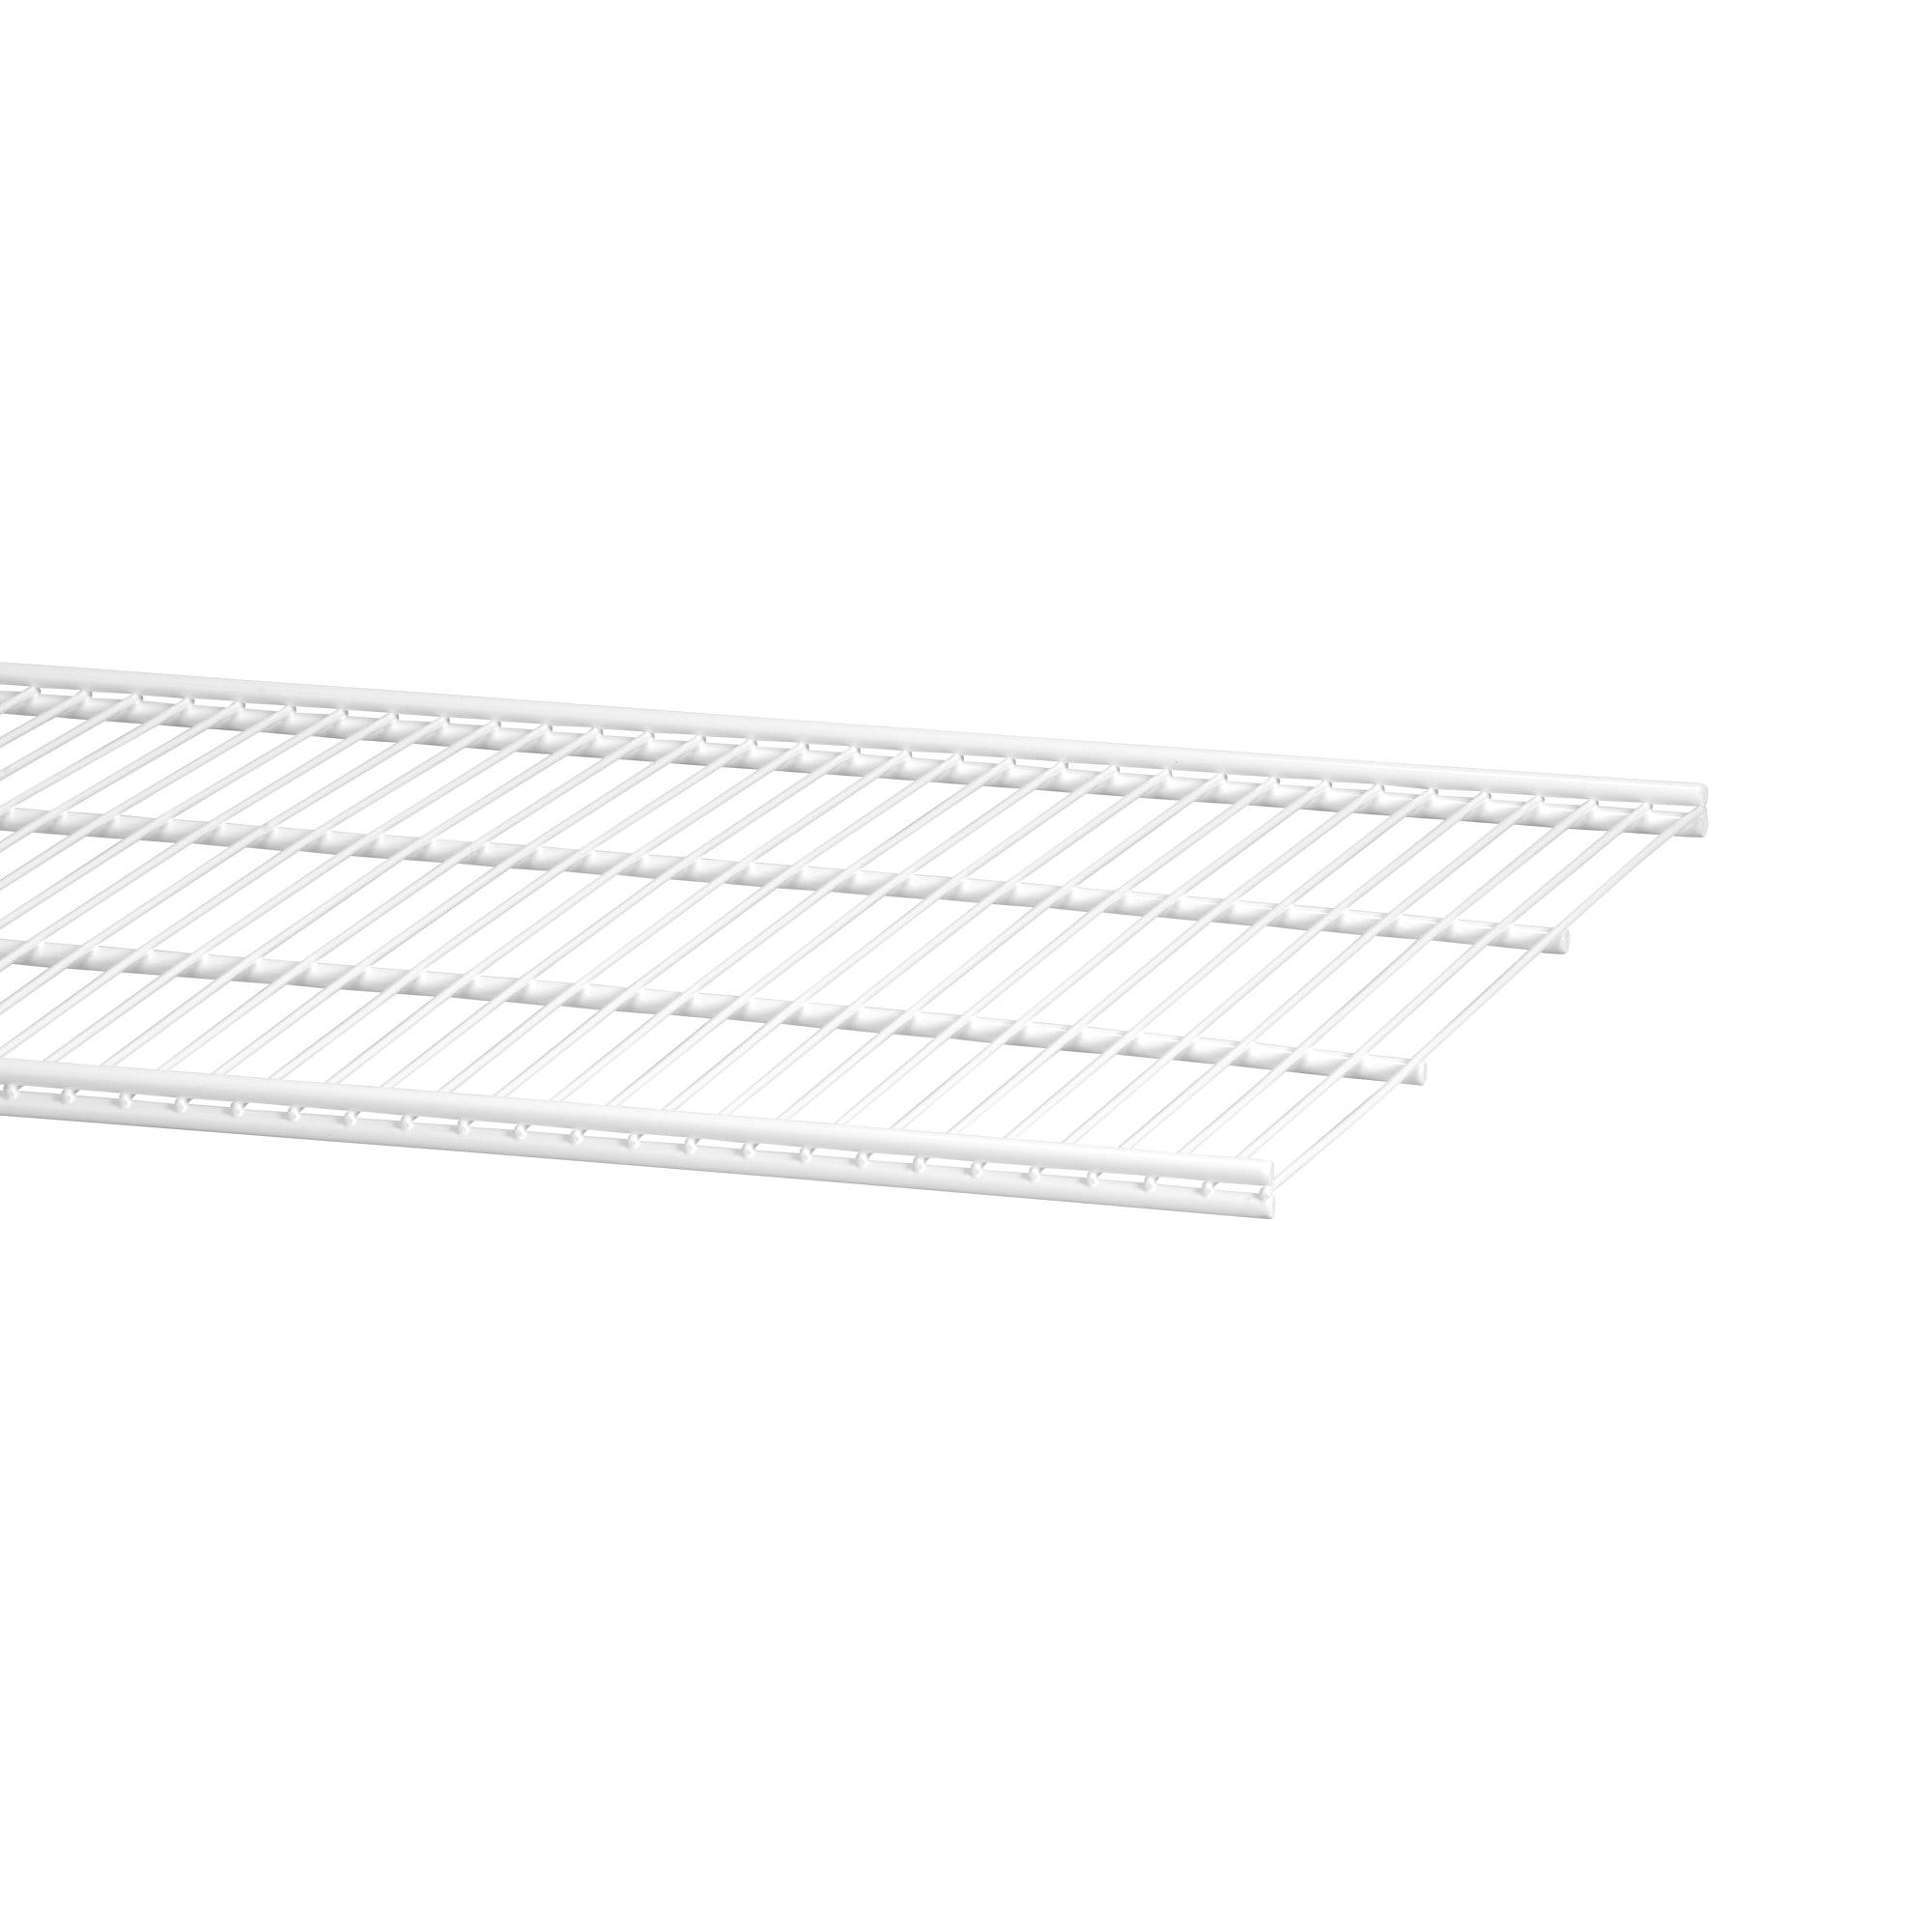 Trådhylla Elfa 607X405mm vit450310